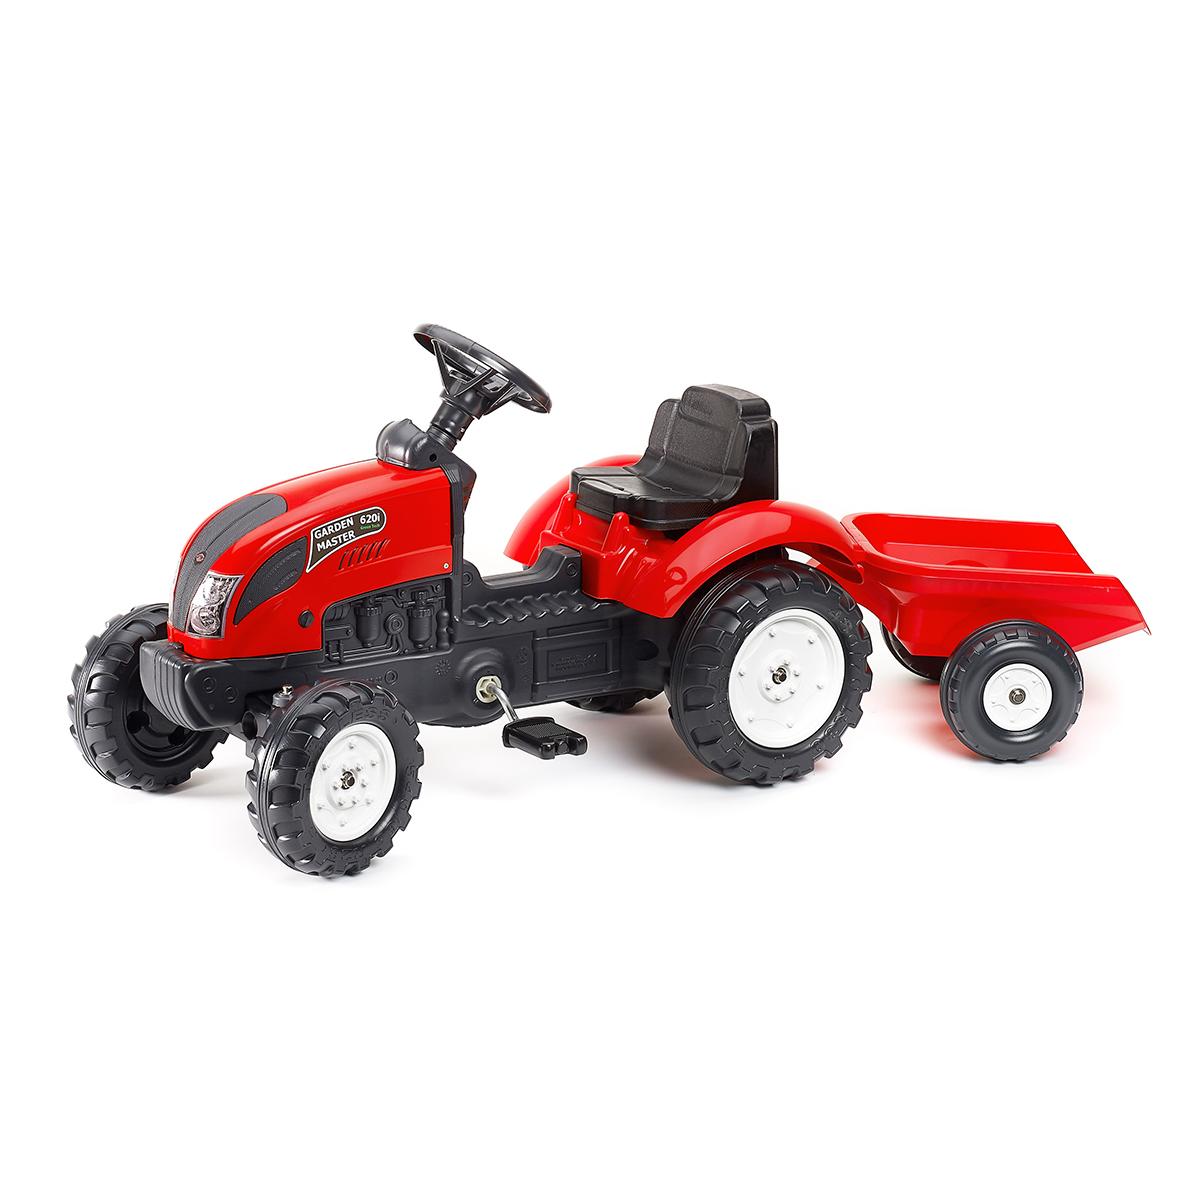 2058J_falk_tracteur_garden_master_rouge_remorque